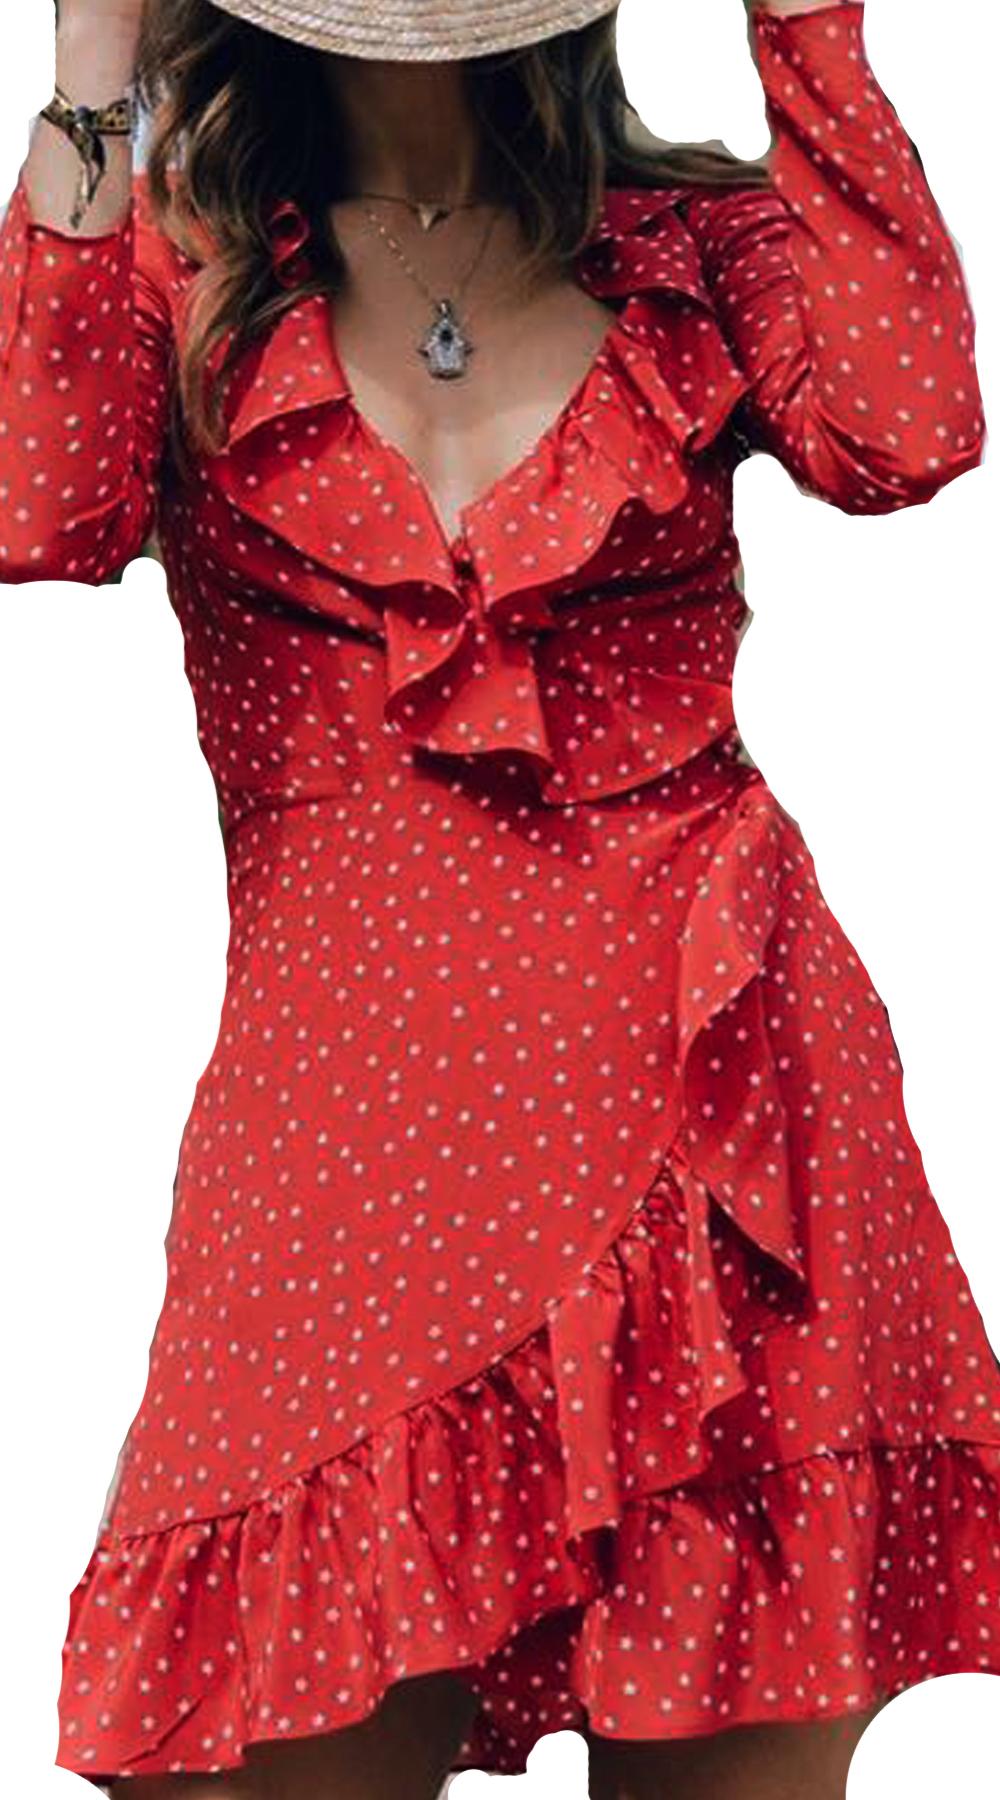 Μίνι κρουαζέ φόρεμα πουά με ζώνη στην μέση - OEM - FA17SOF-536987 φορέματα μίνι φορέματα